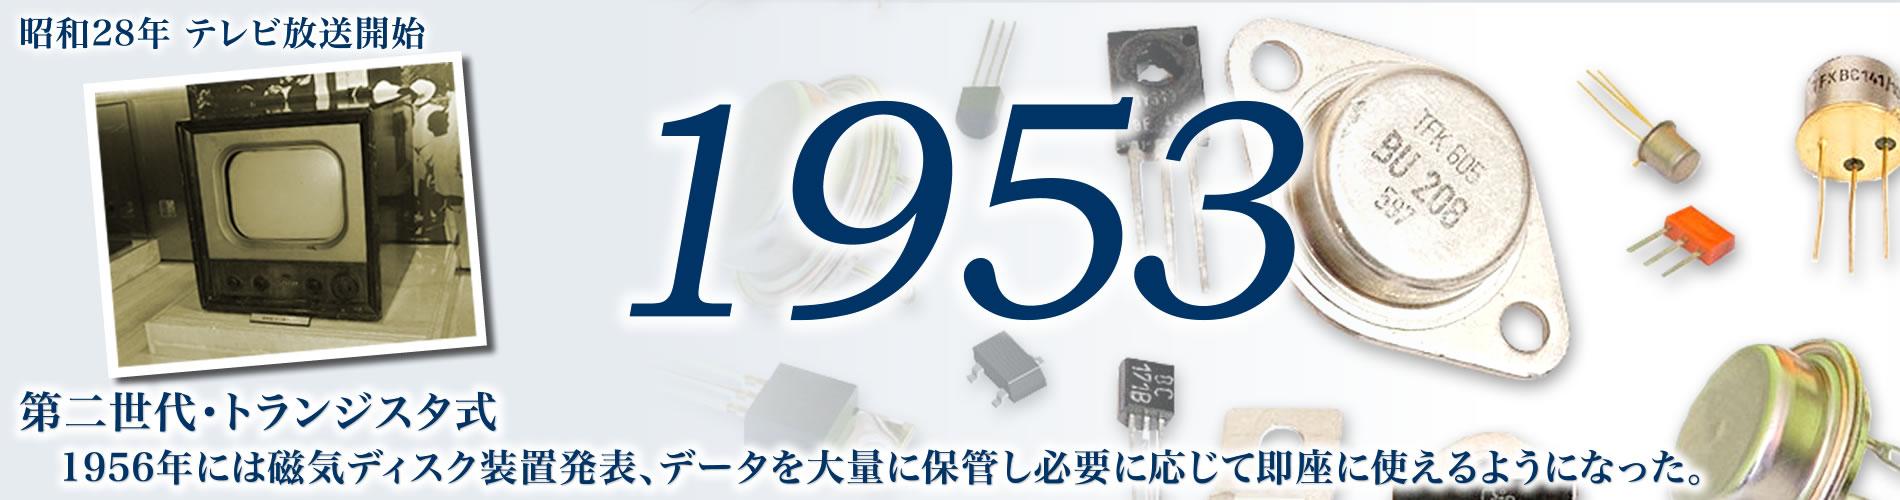 1953年、第二世代トランジスタ式コンピュータが稼働